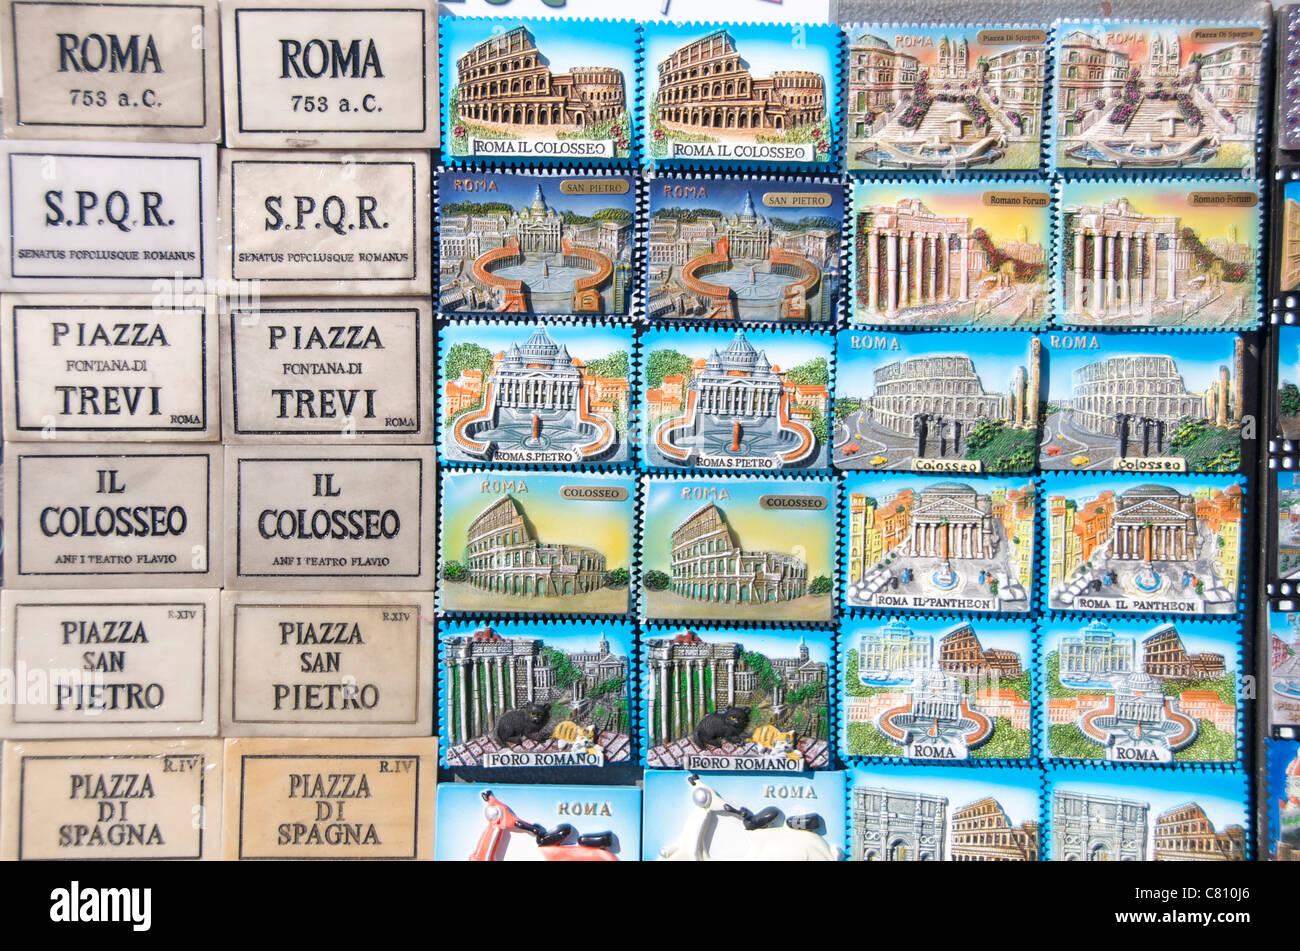 Souvenirs for sale, Rome, Lazio, Italy, Europe - Stock Image